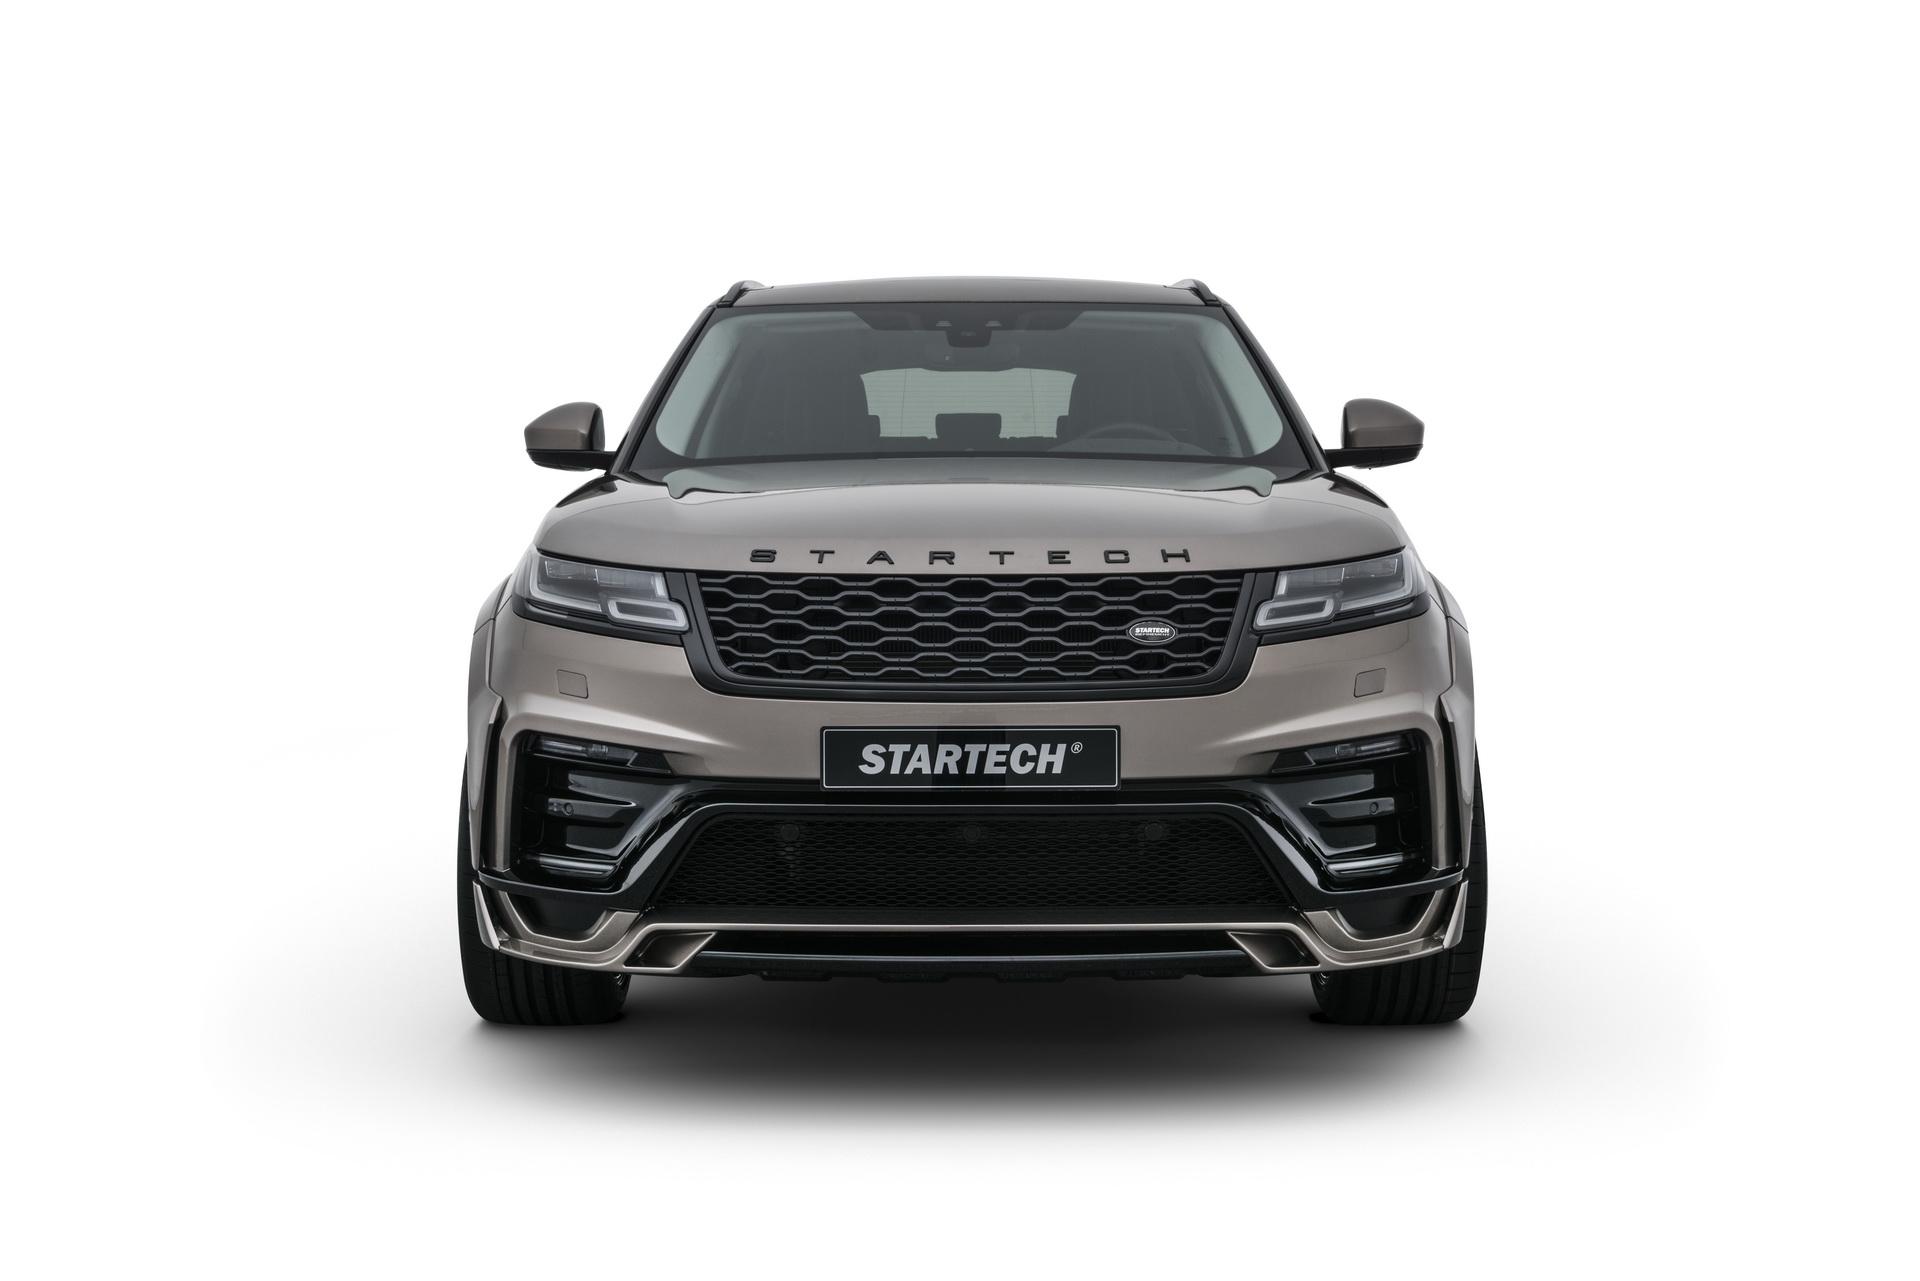 Range_Rover_Velar_Startech_0007